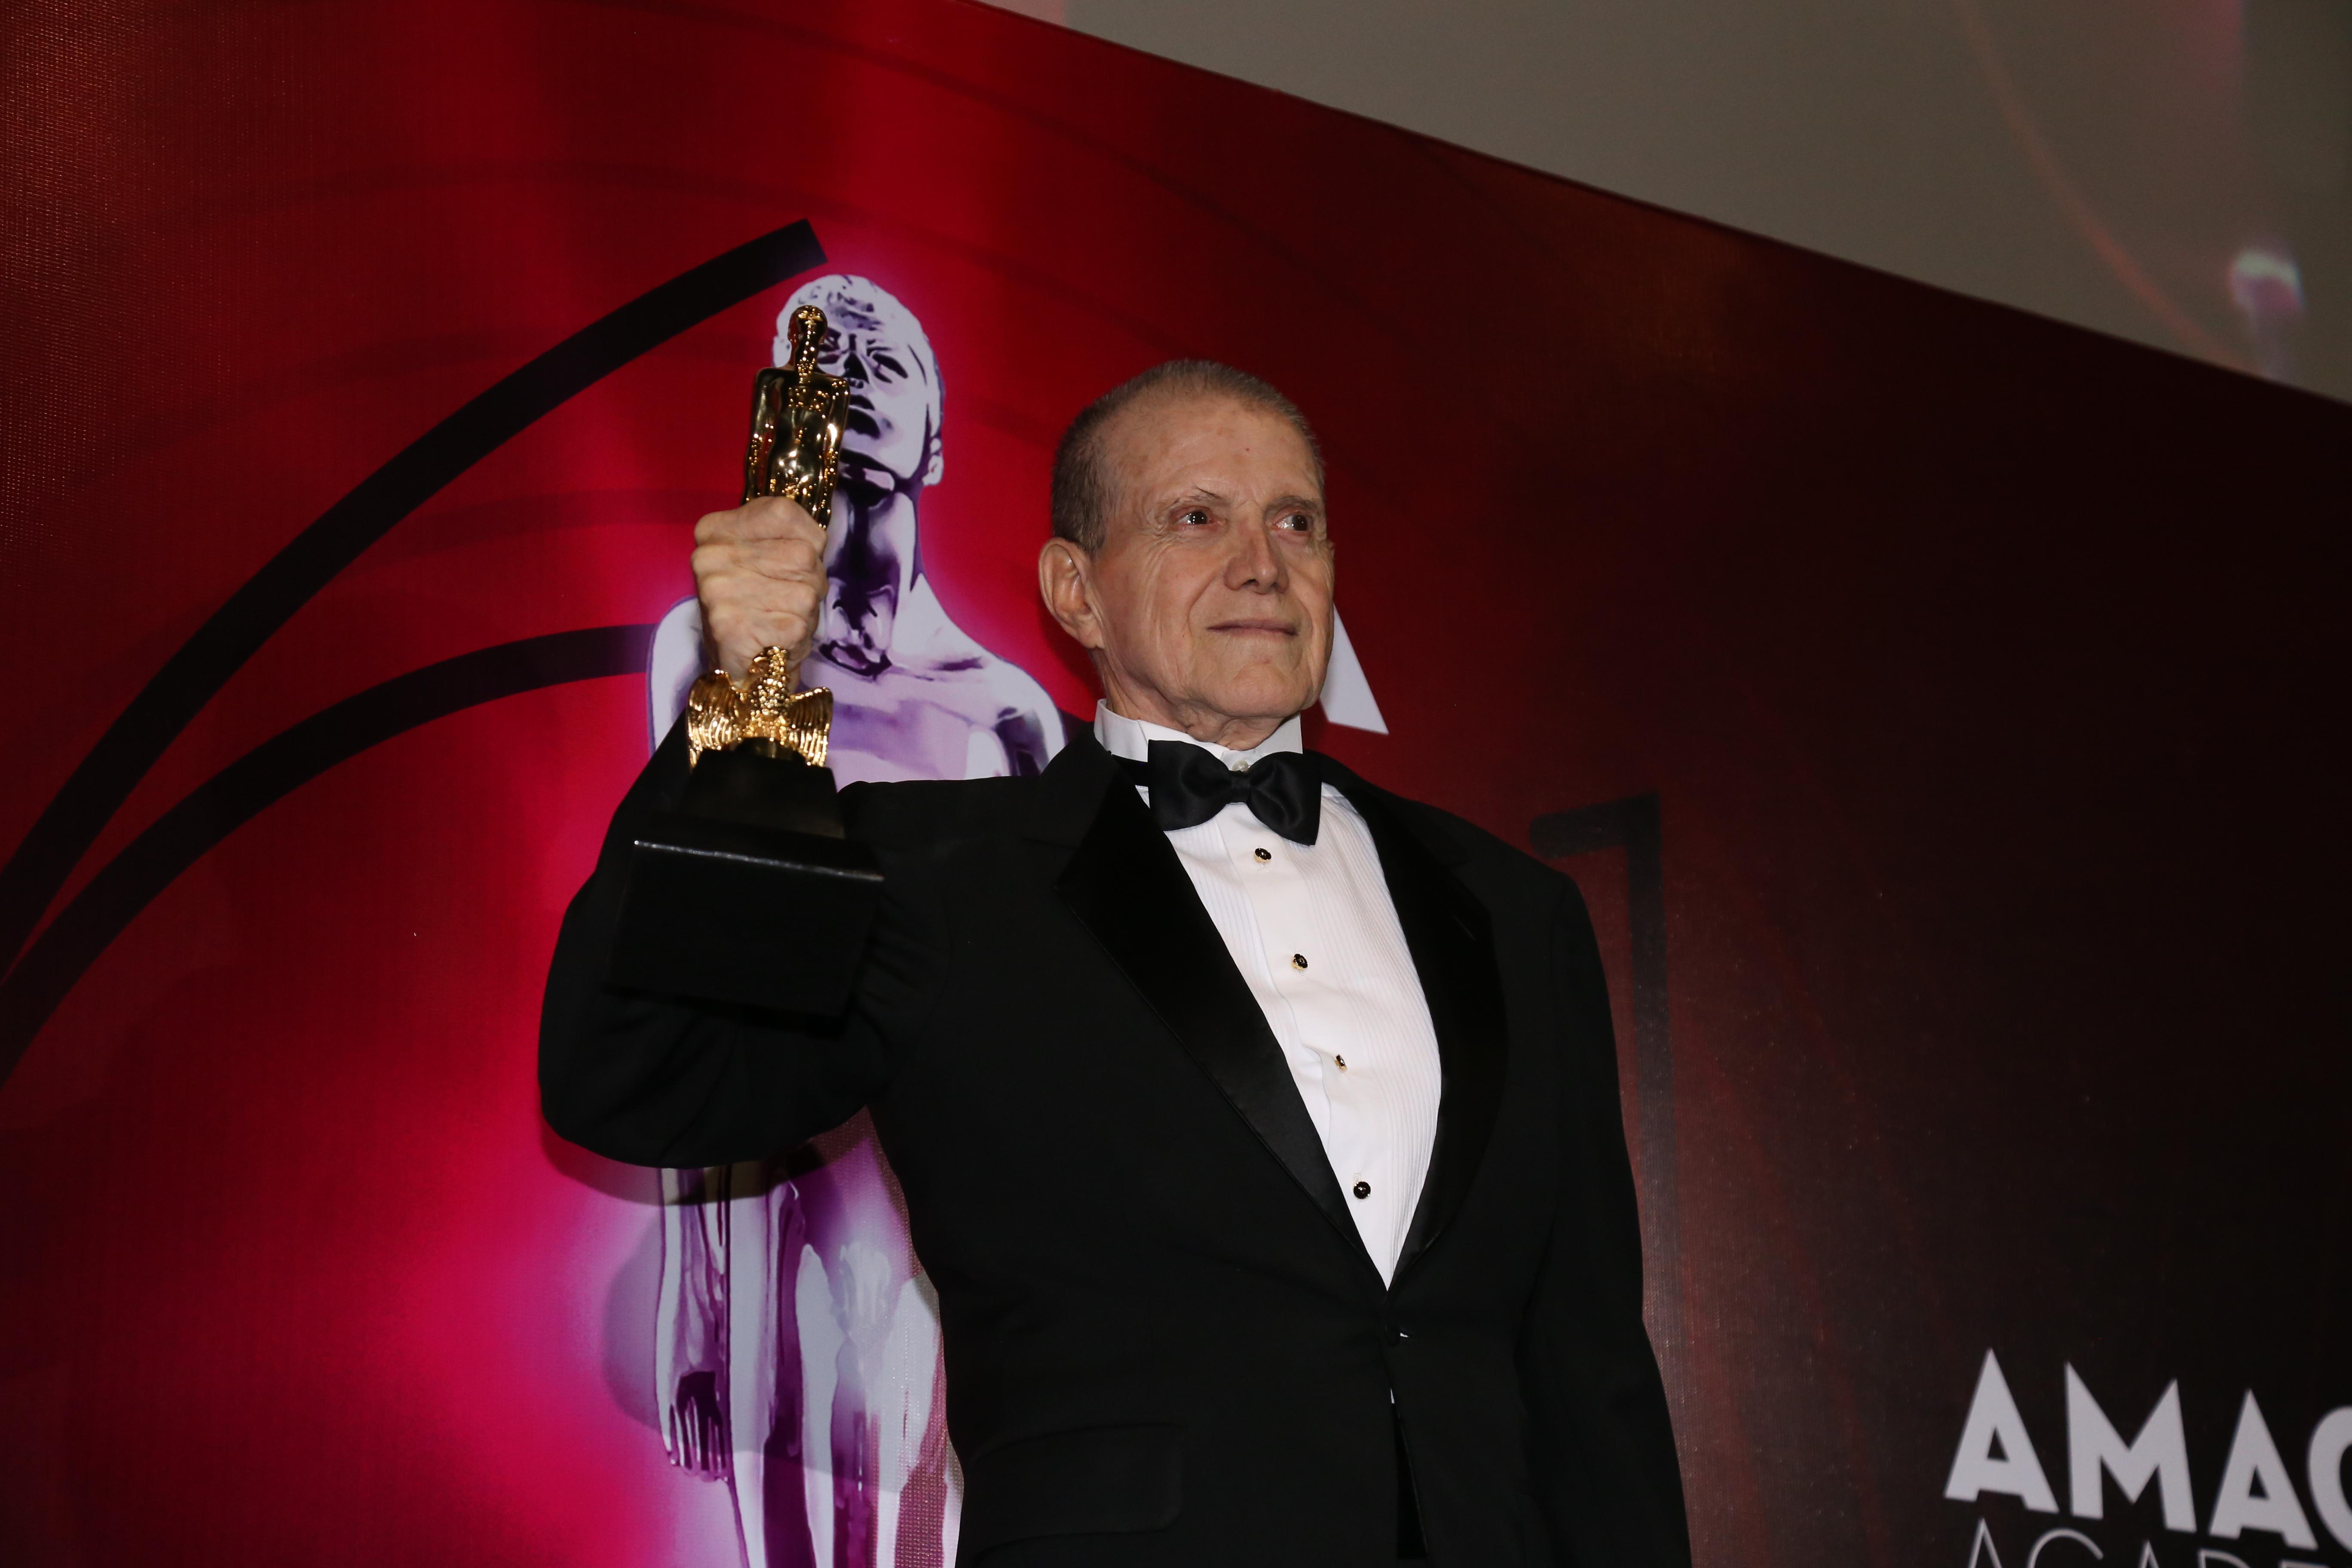 Héctor Bonilla recibió un Ariel de oro por su trayectoria (Foto: Juan Vicente Manrique/Infobae)